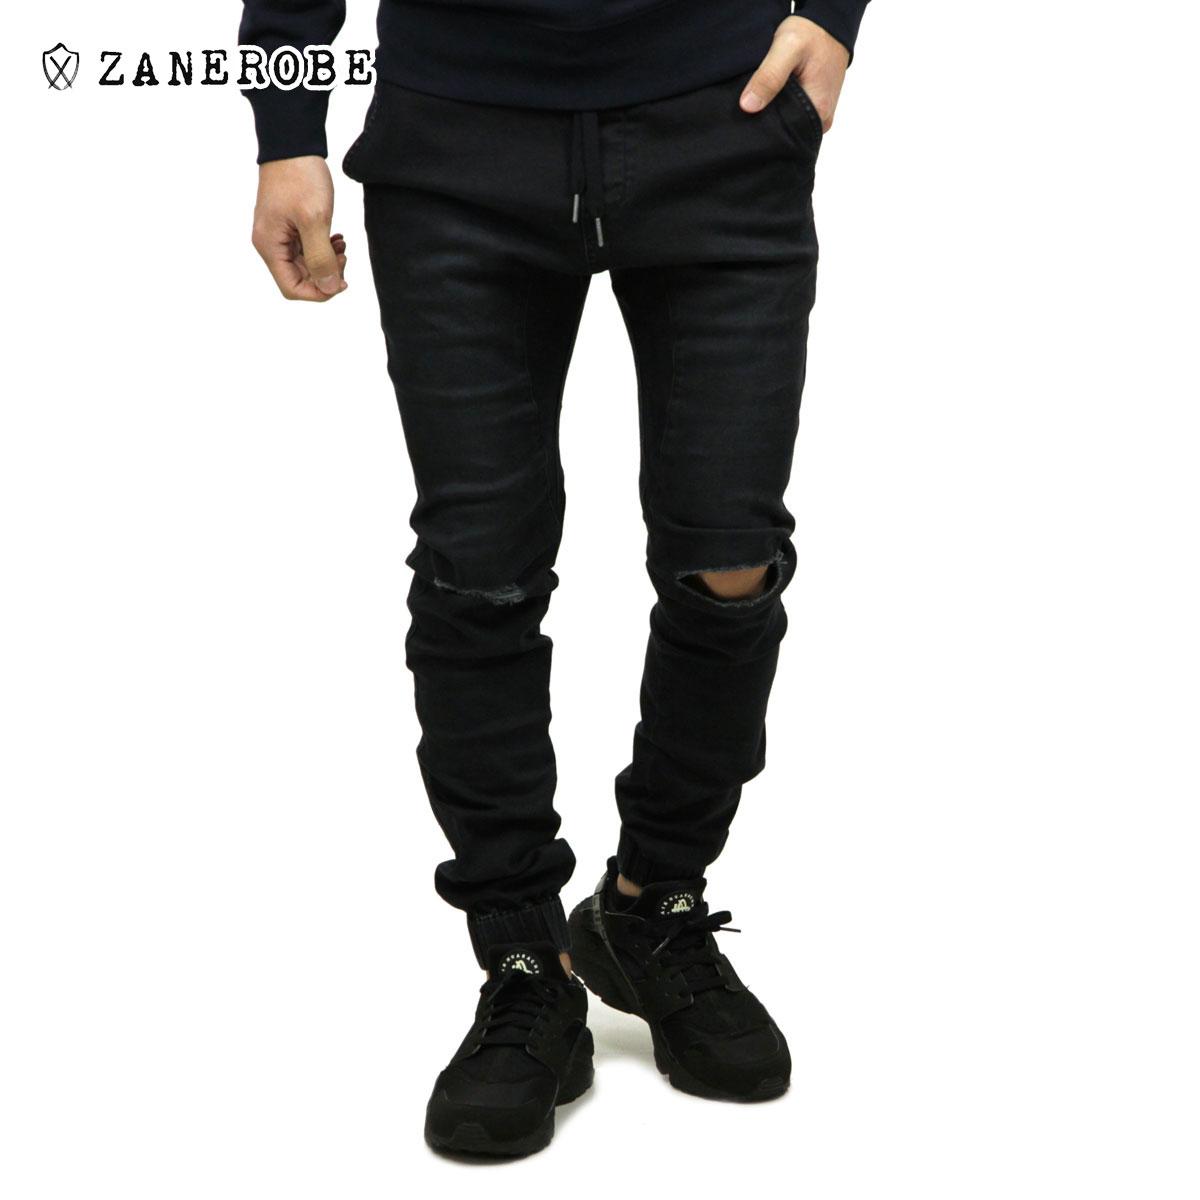 ゼンローブ ZANEROBE 正規販売店 メンズ デニム ジョガーパンツ SURESHOT DENIM JOGGER PANTS SMOKEY BLACK 724-MAK